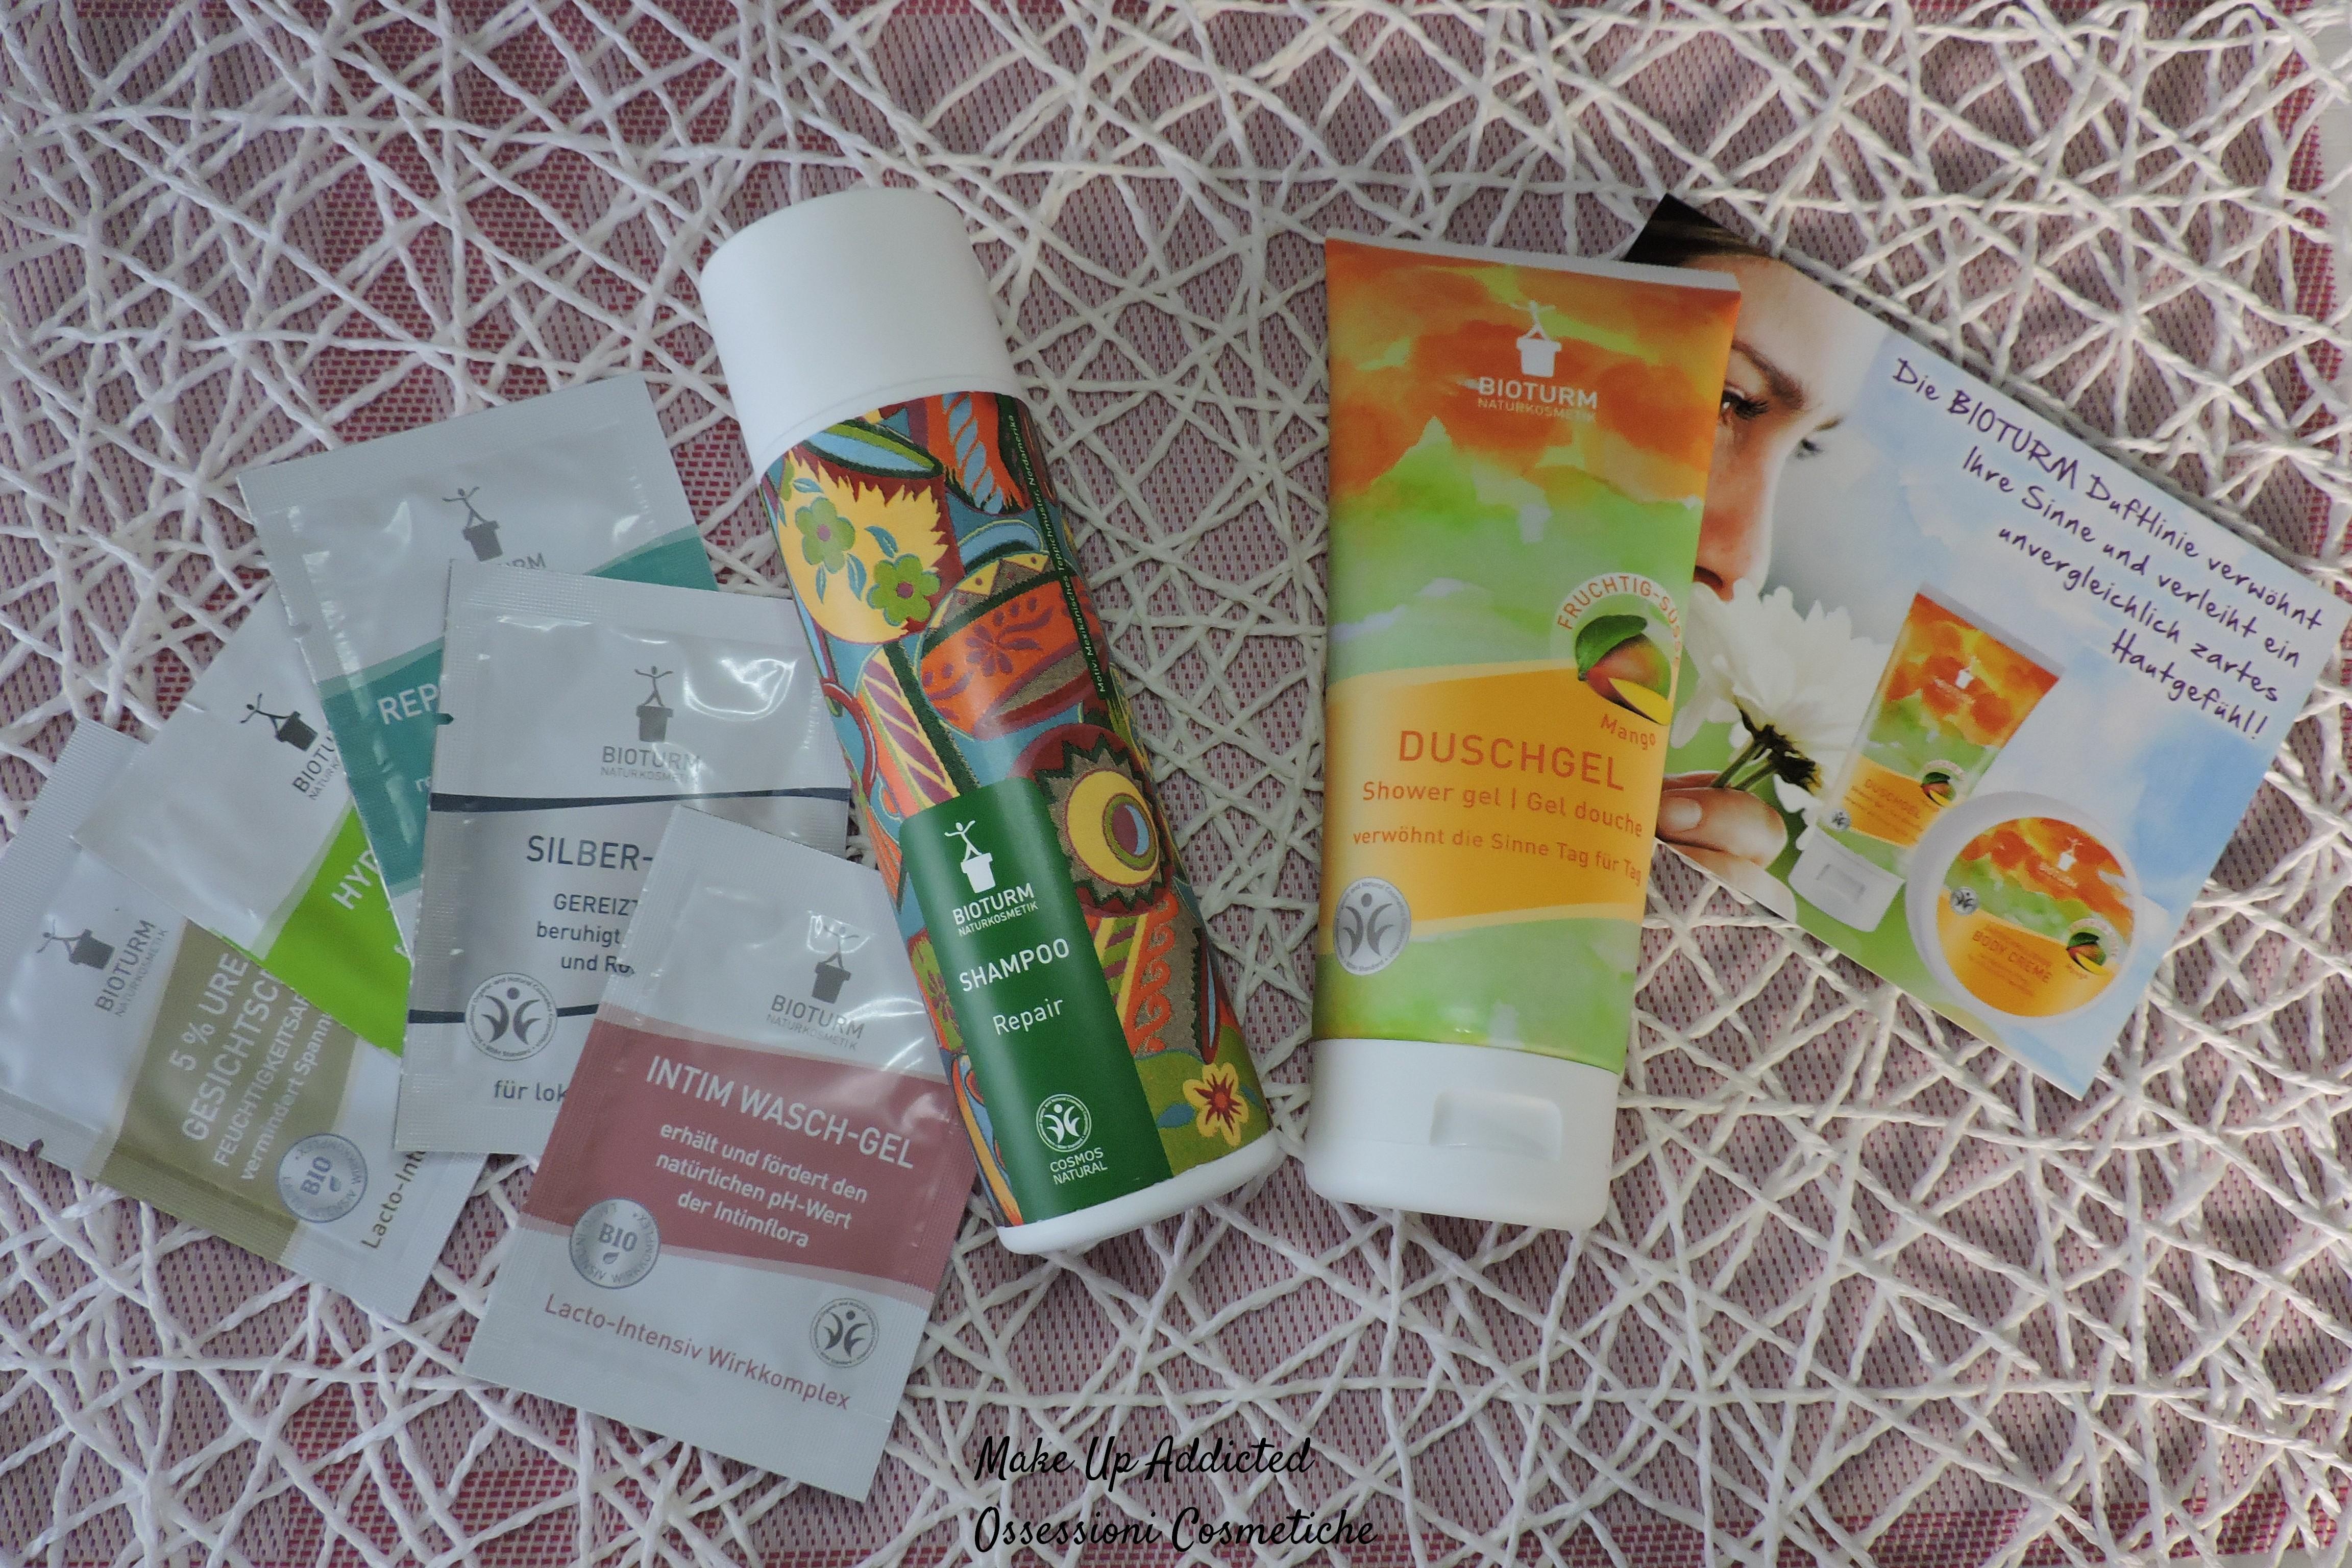 bioturm shampoo e doccia gel